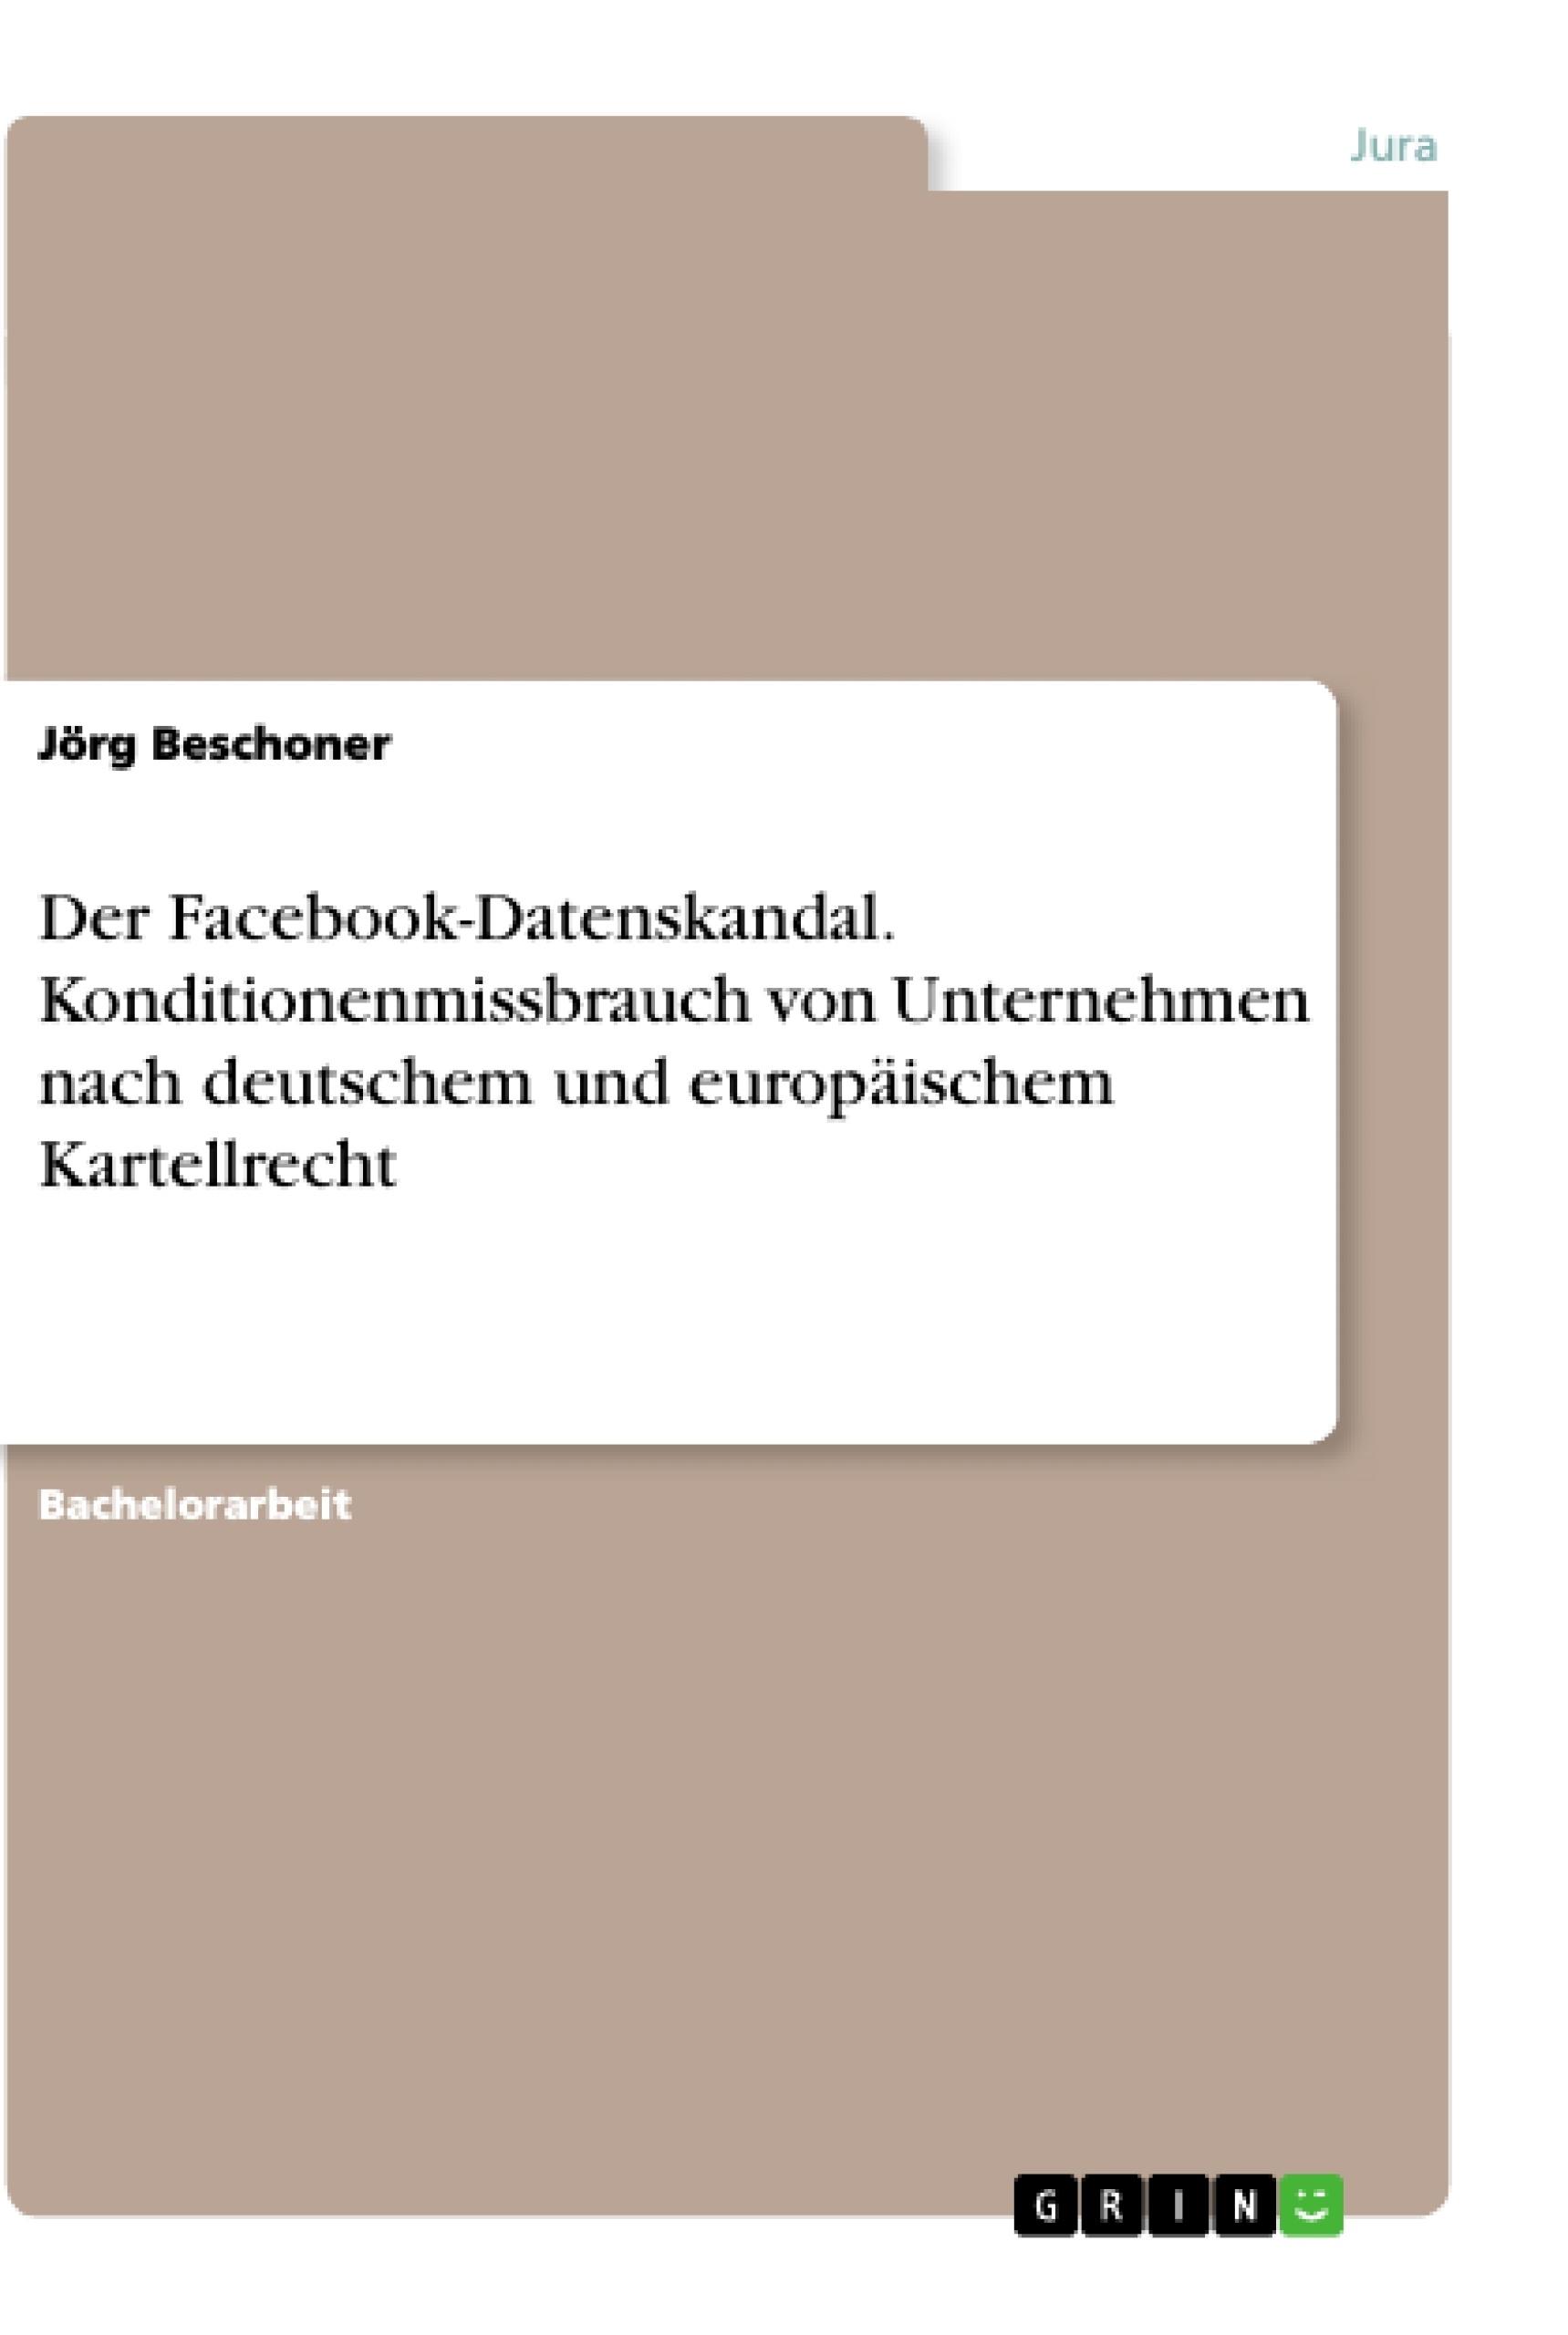 Titel: Der Facebook-Datenskandal. Konditionenmissbrauch von Unternehmen nach deutschem und europäischem Kartellrecht